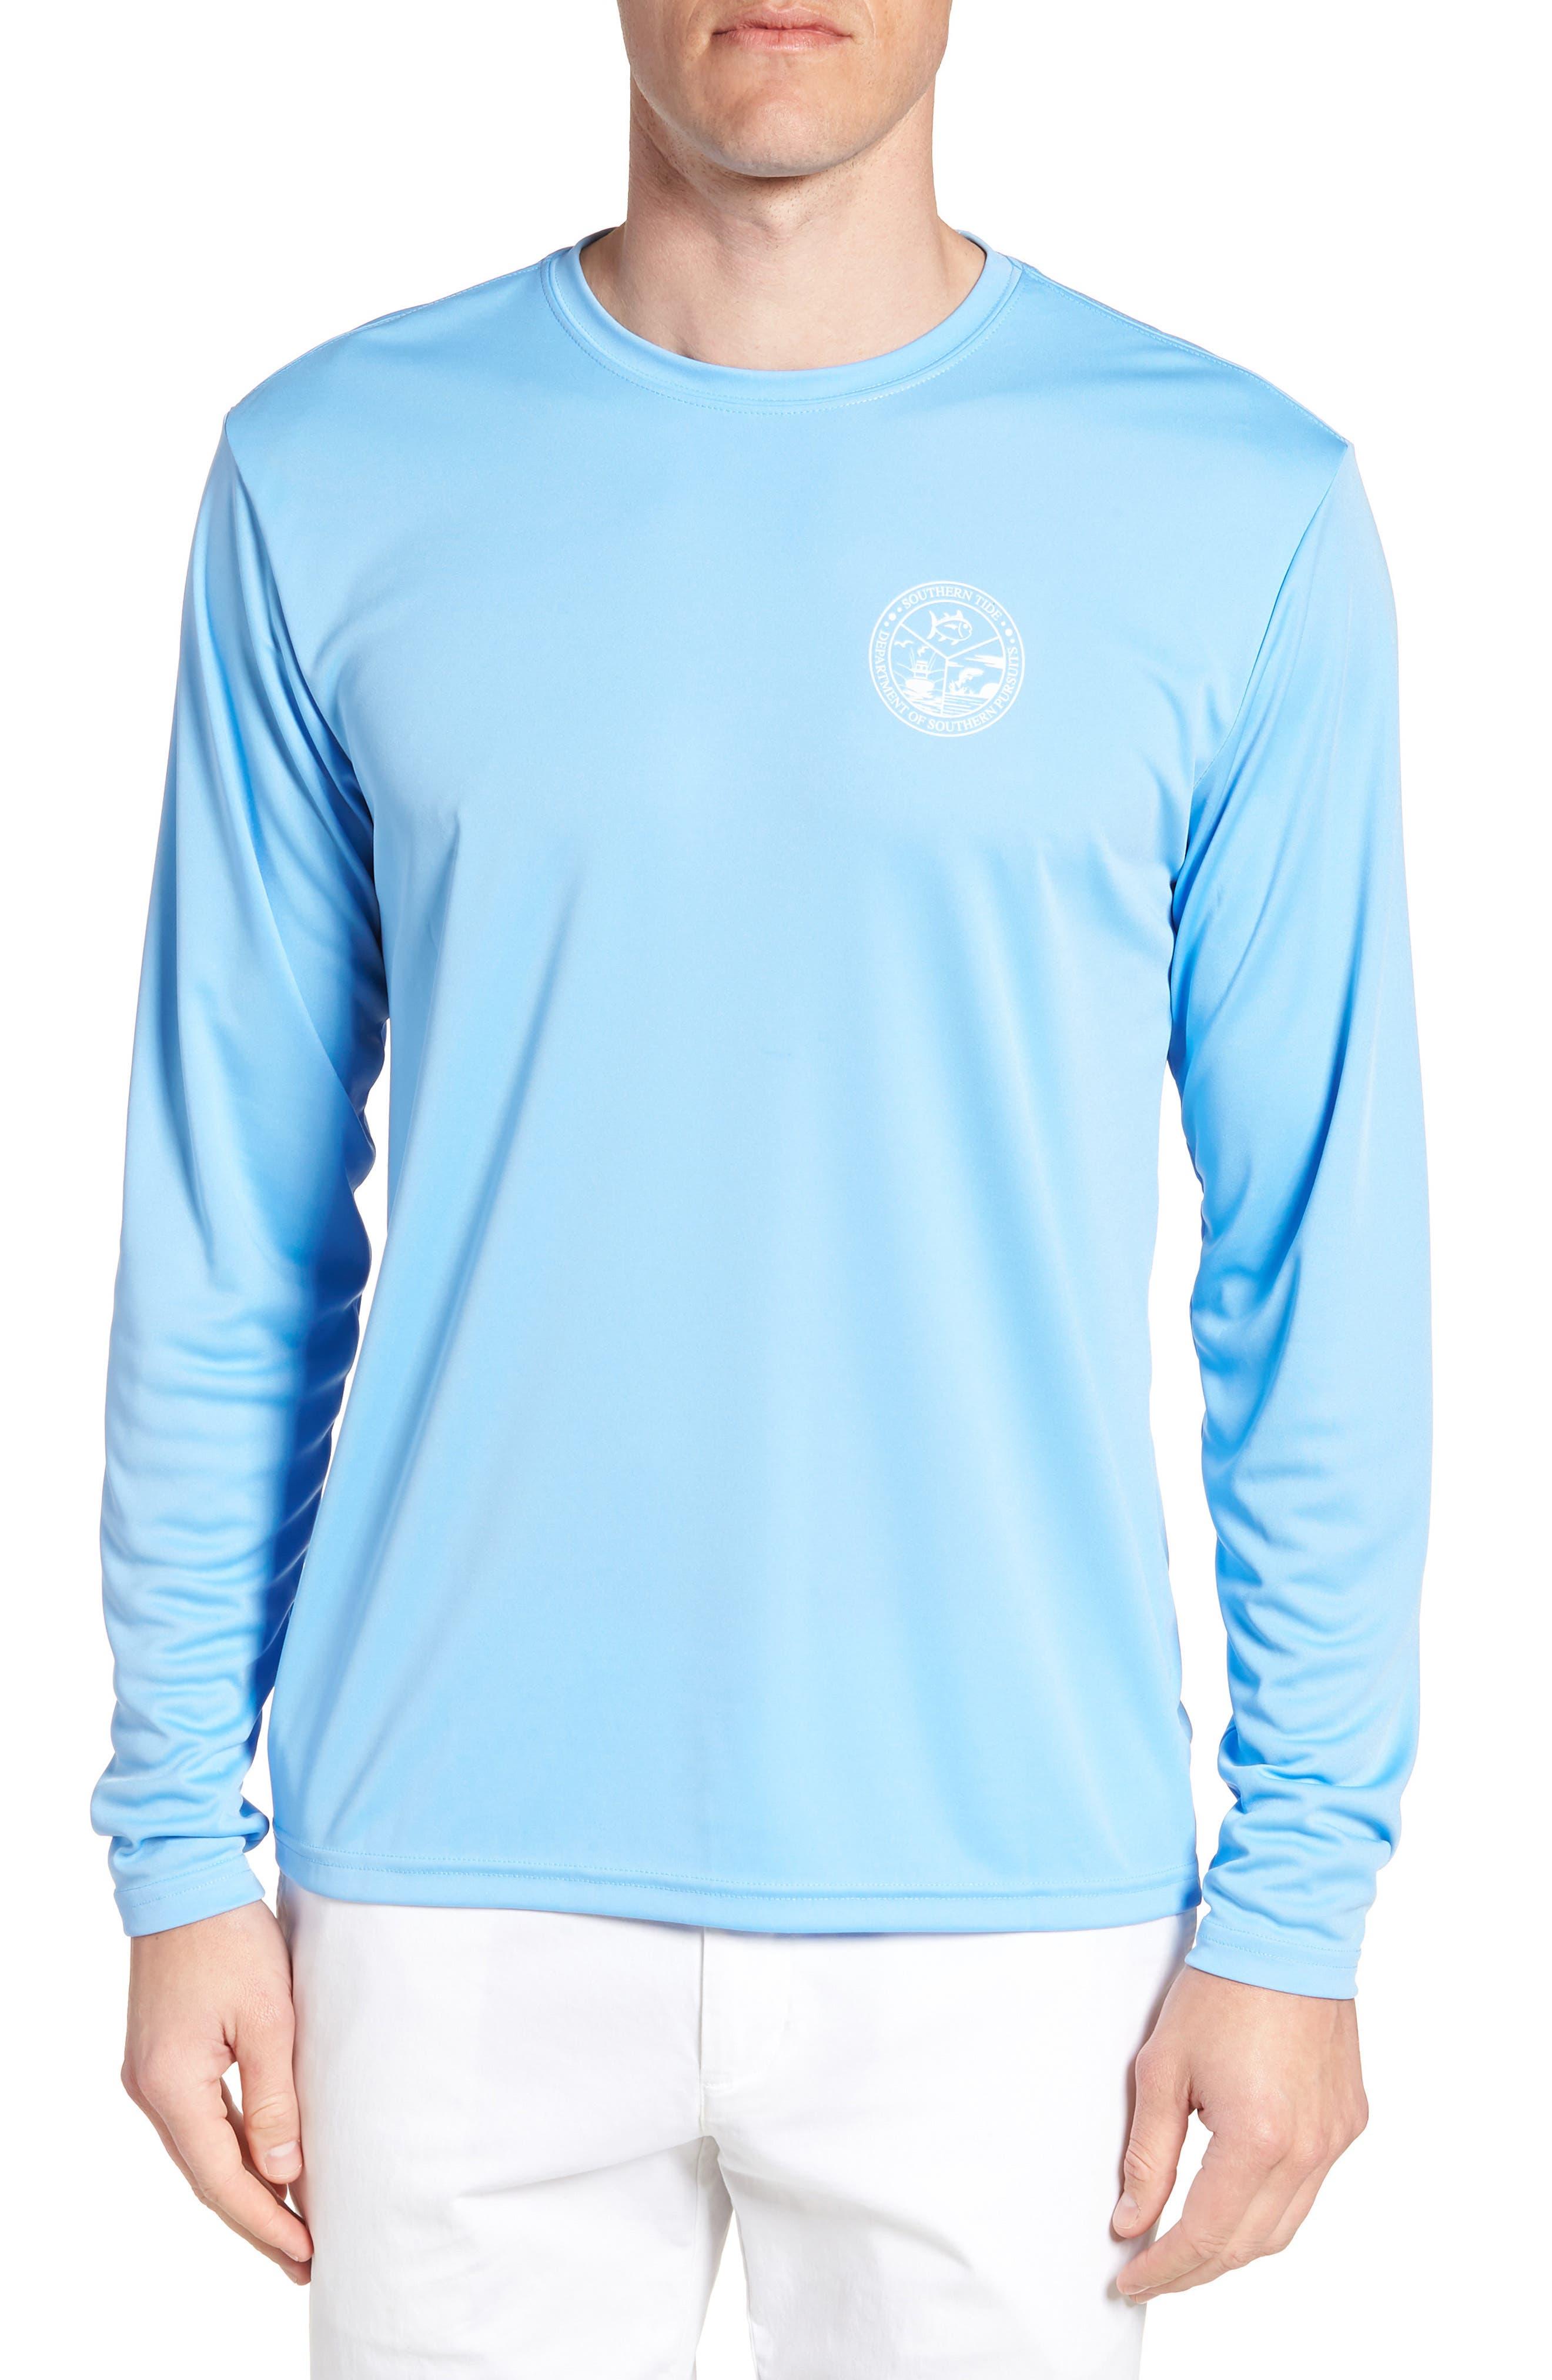 Southern Pursuit Performance T-Shirt,                             Main thumbnail 1, color,                             Ocean Channel